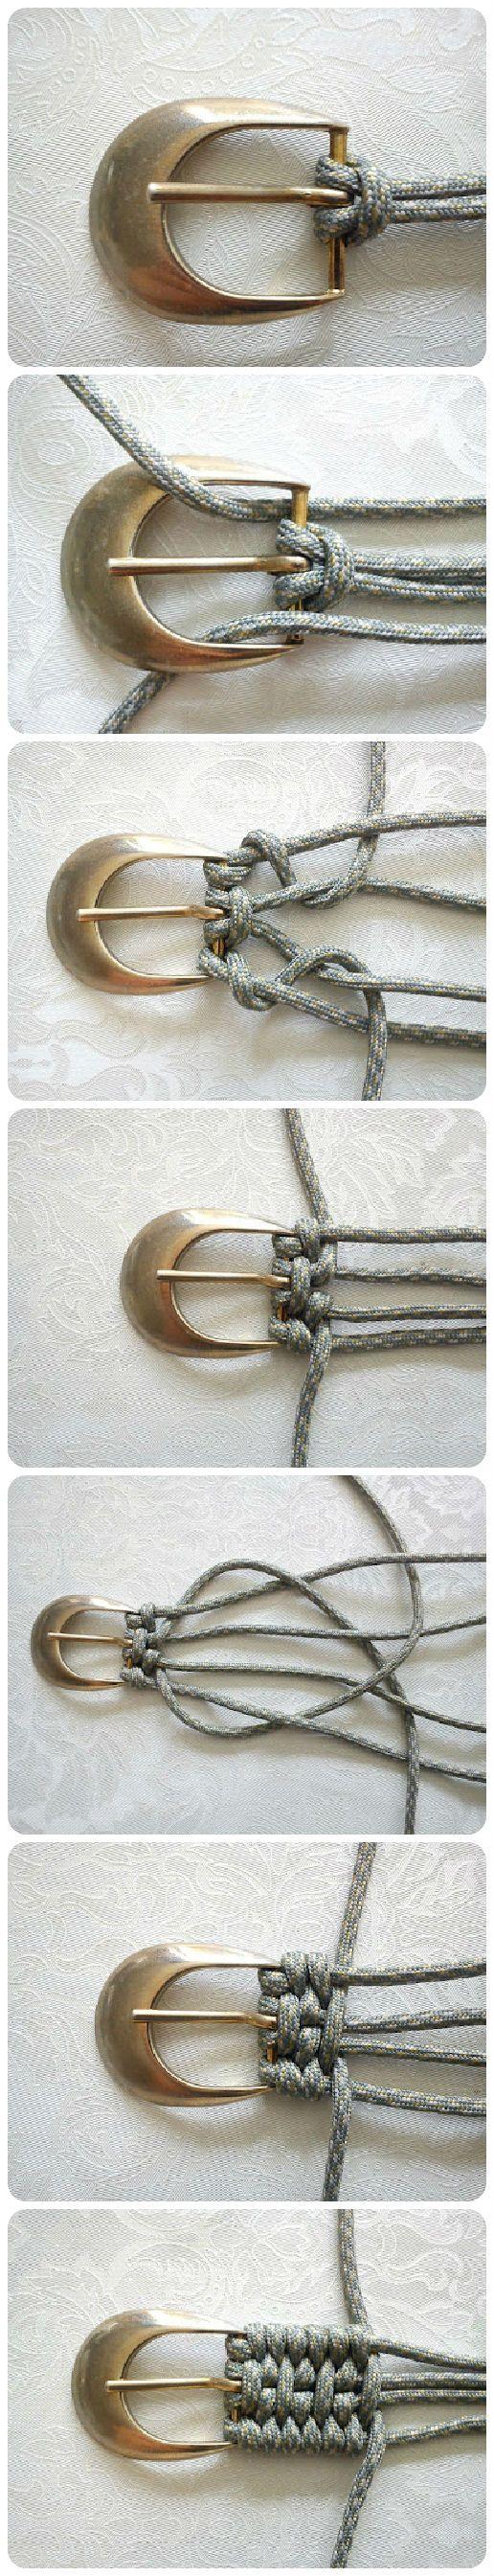 Ideias de bijús de macramé: Vamos aprender a fazer alguns tipos de nós para produzir pecinhas lindas como essas da imagem abaixo?